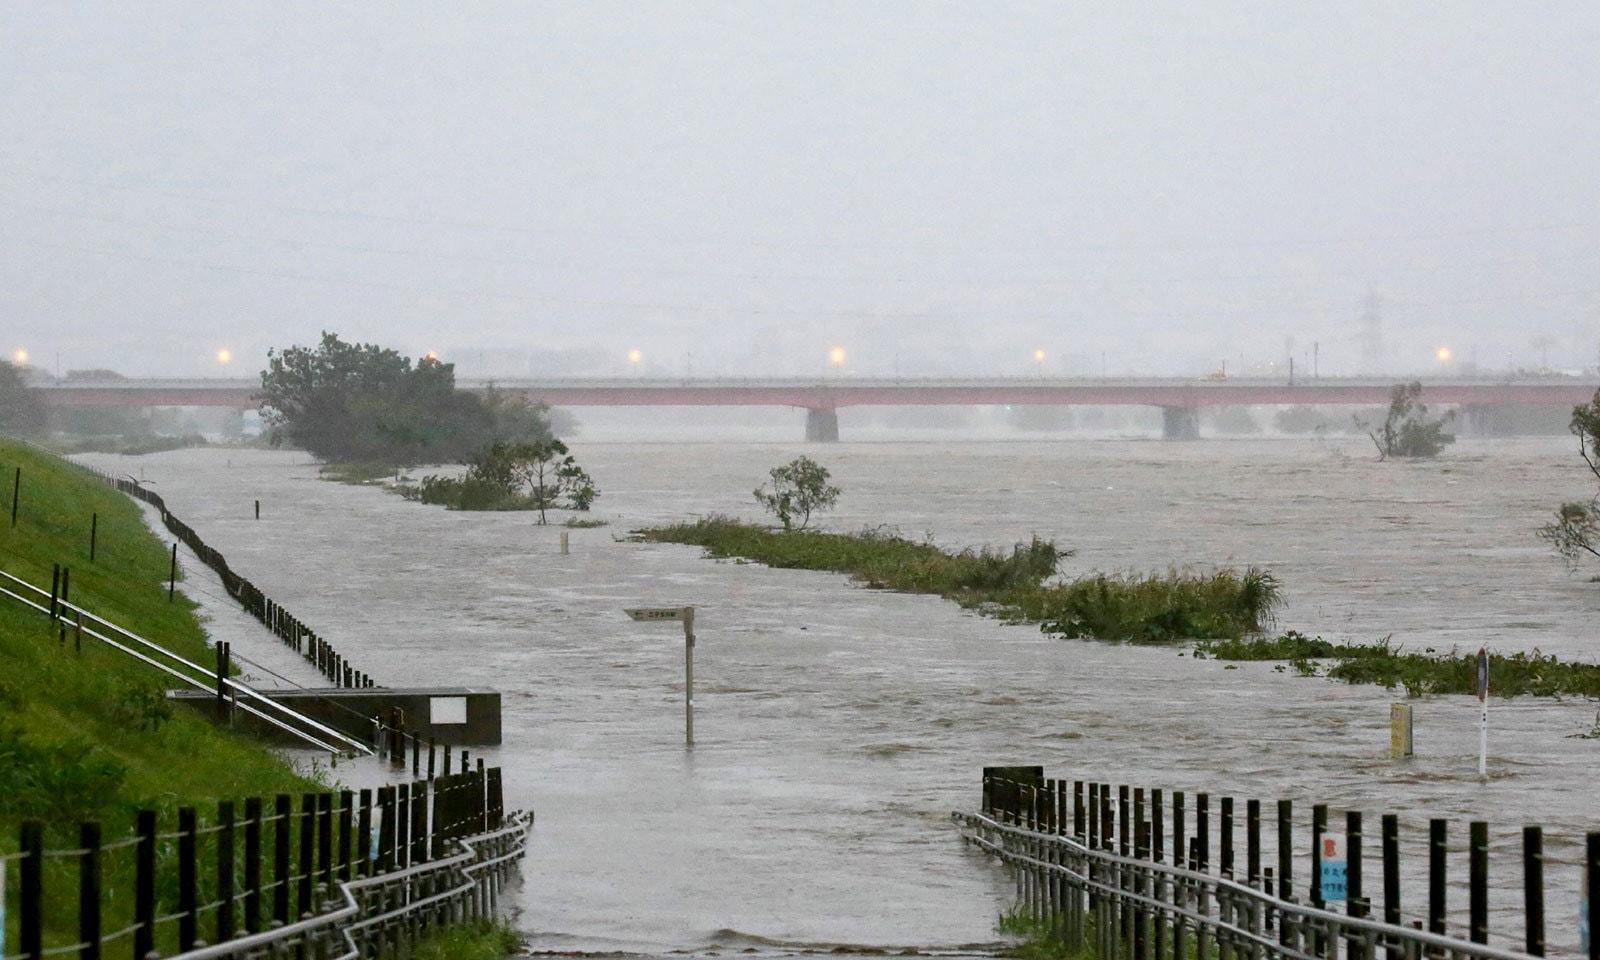 ساحلی علاقوں سے 8 لاکھ افراد کو نقل مکانی کی ہدایت کی گئی ہے — فوٹو: اے ایف پی